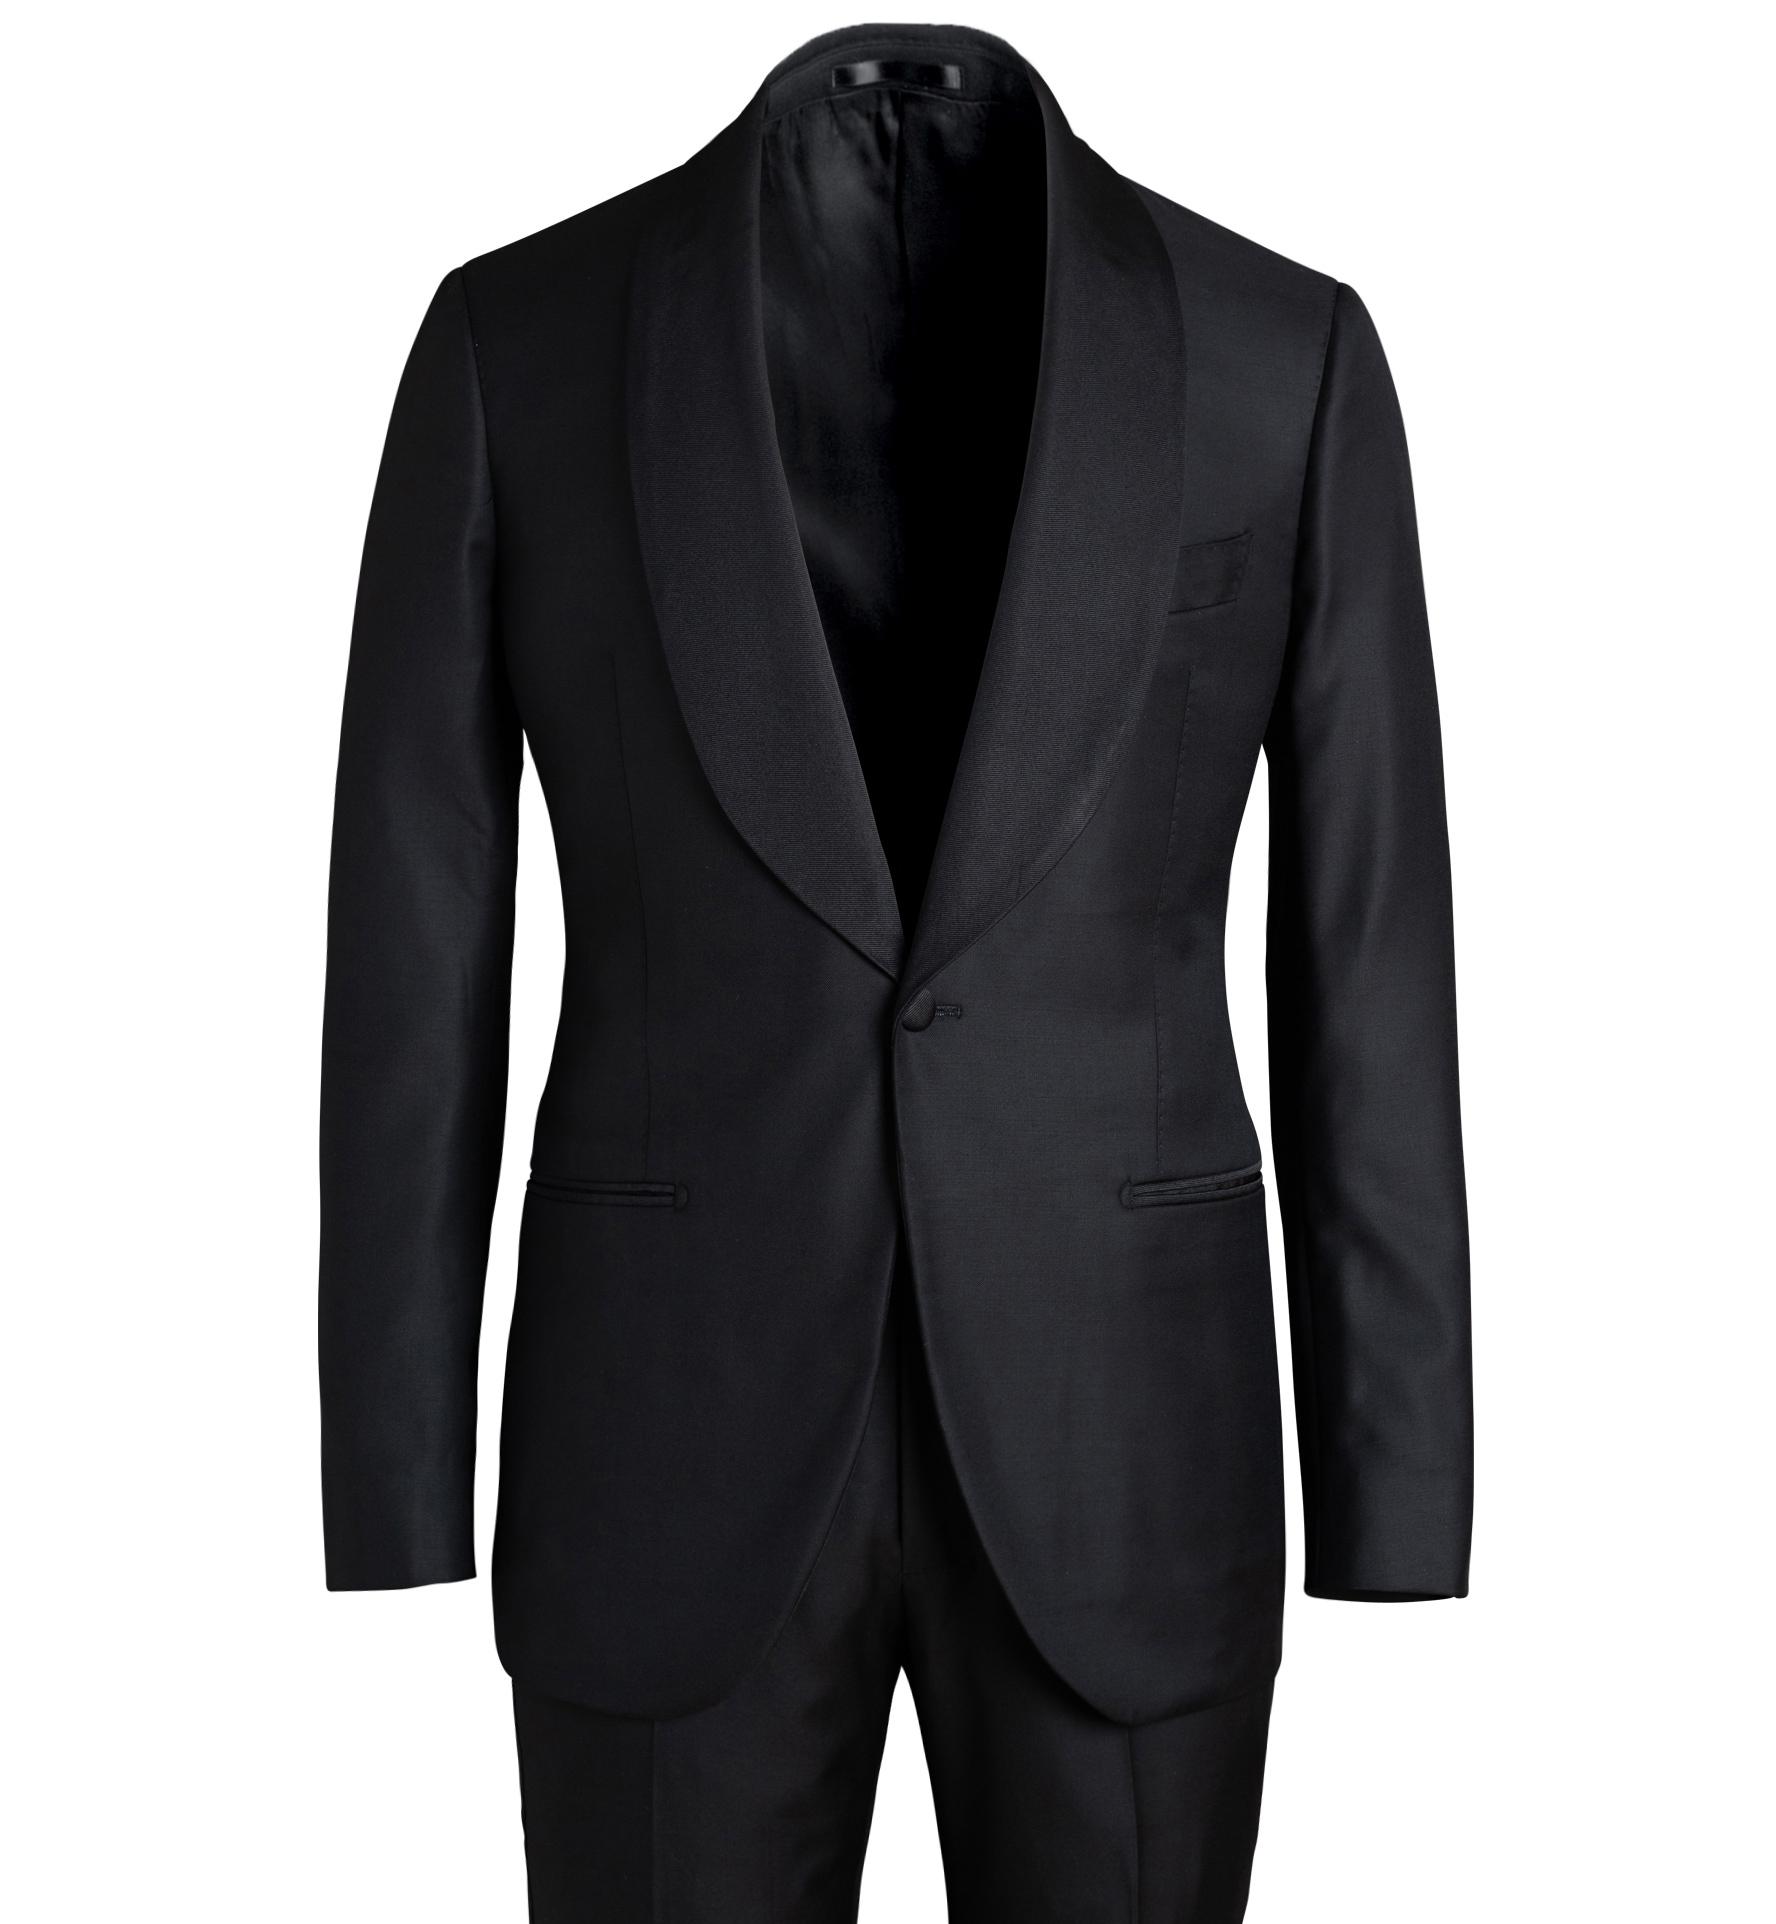 Zoom Image of Mayfair Black Shawl Lapel Tuxedo